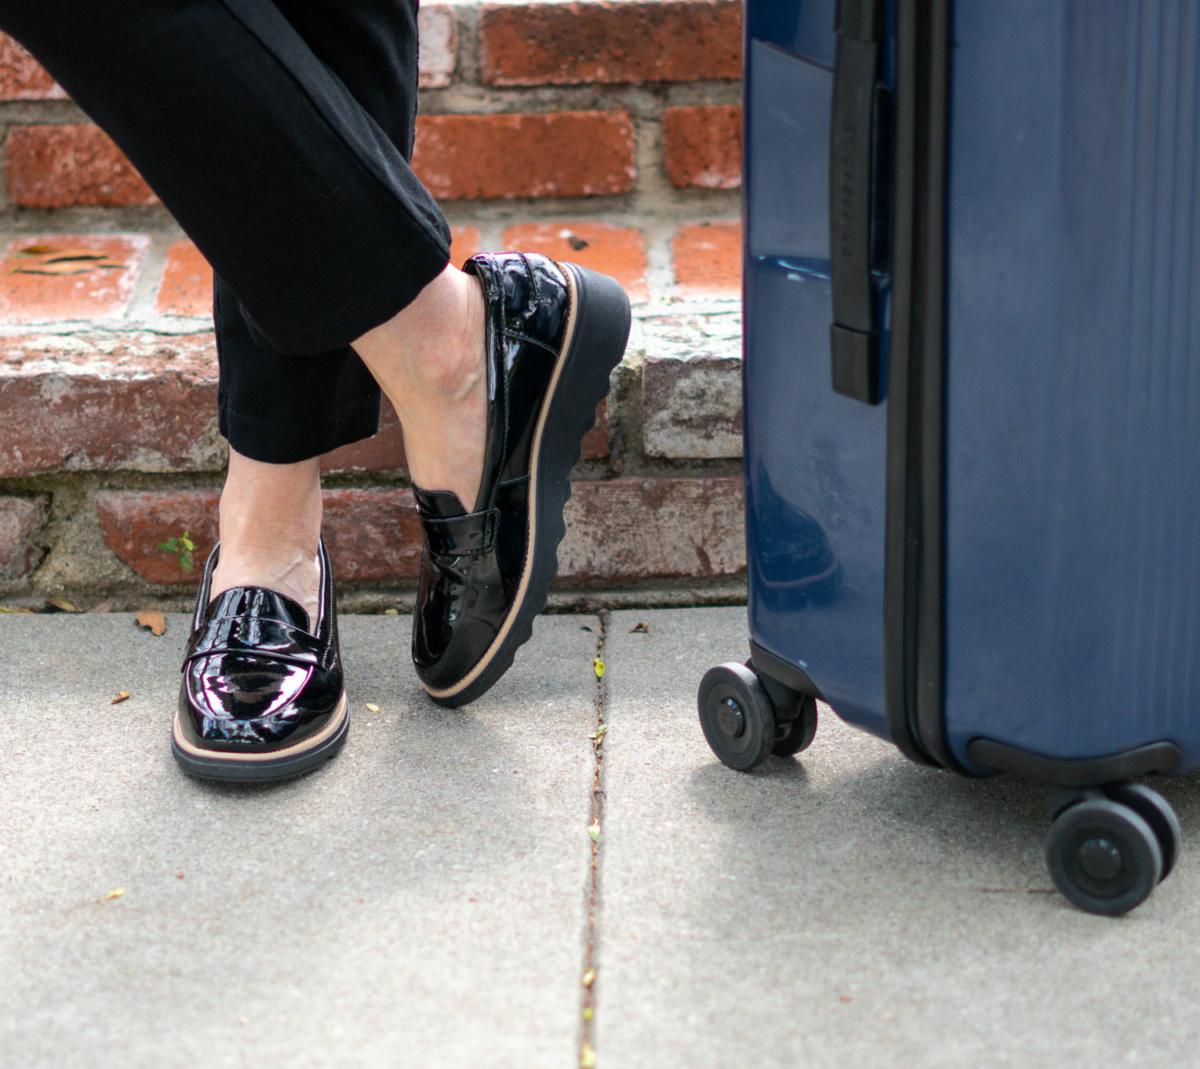 Detail: Susan B. of une femme d'un certain age wears Clark's patent leather loafers.